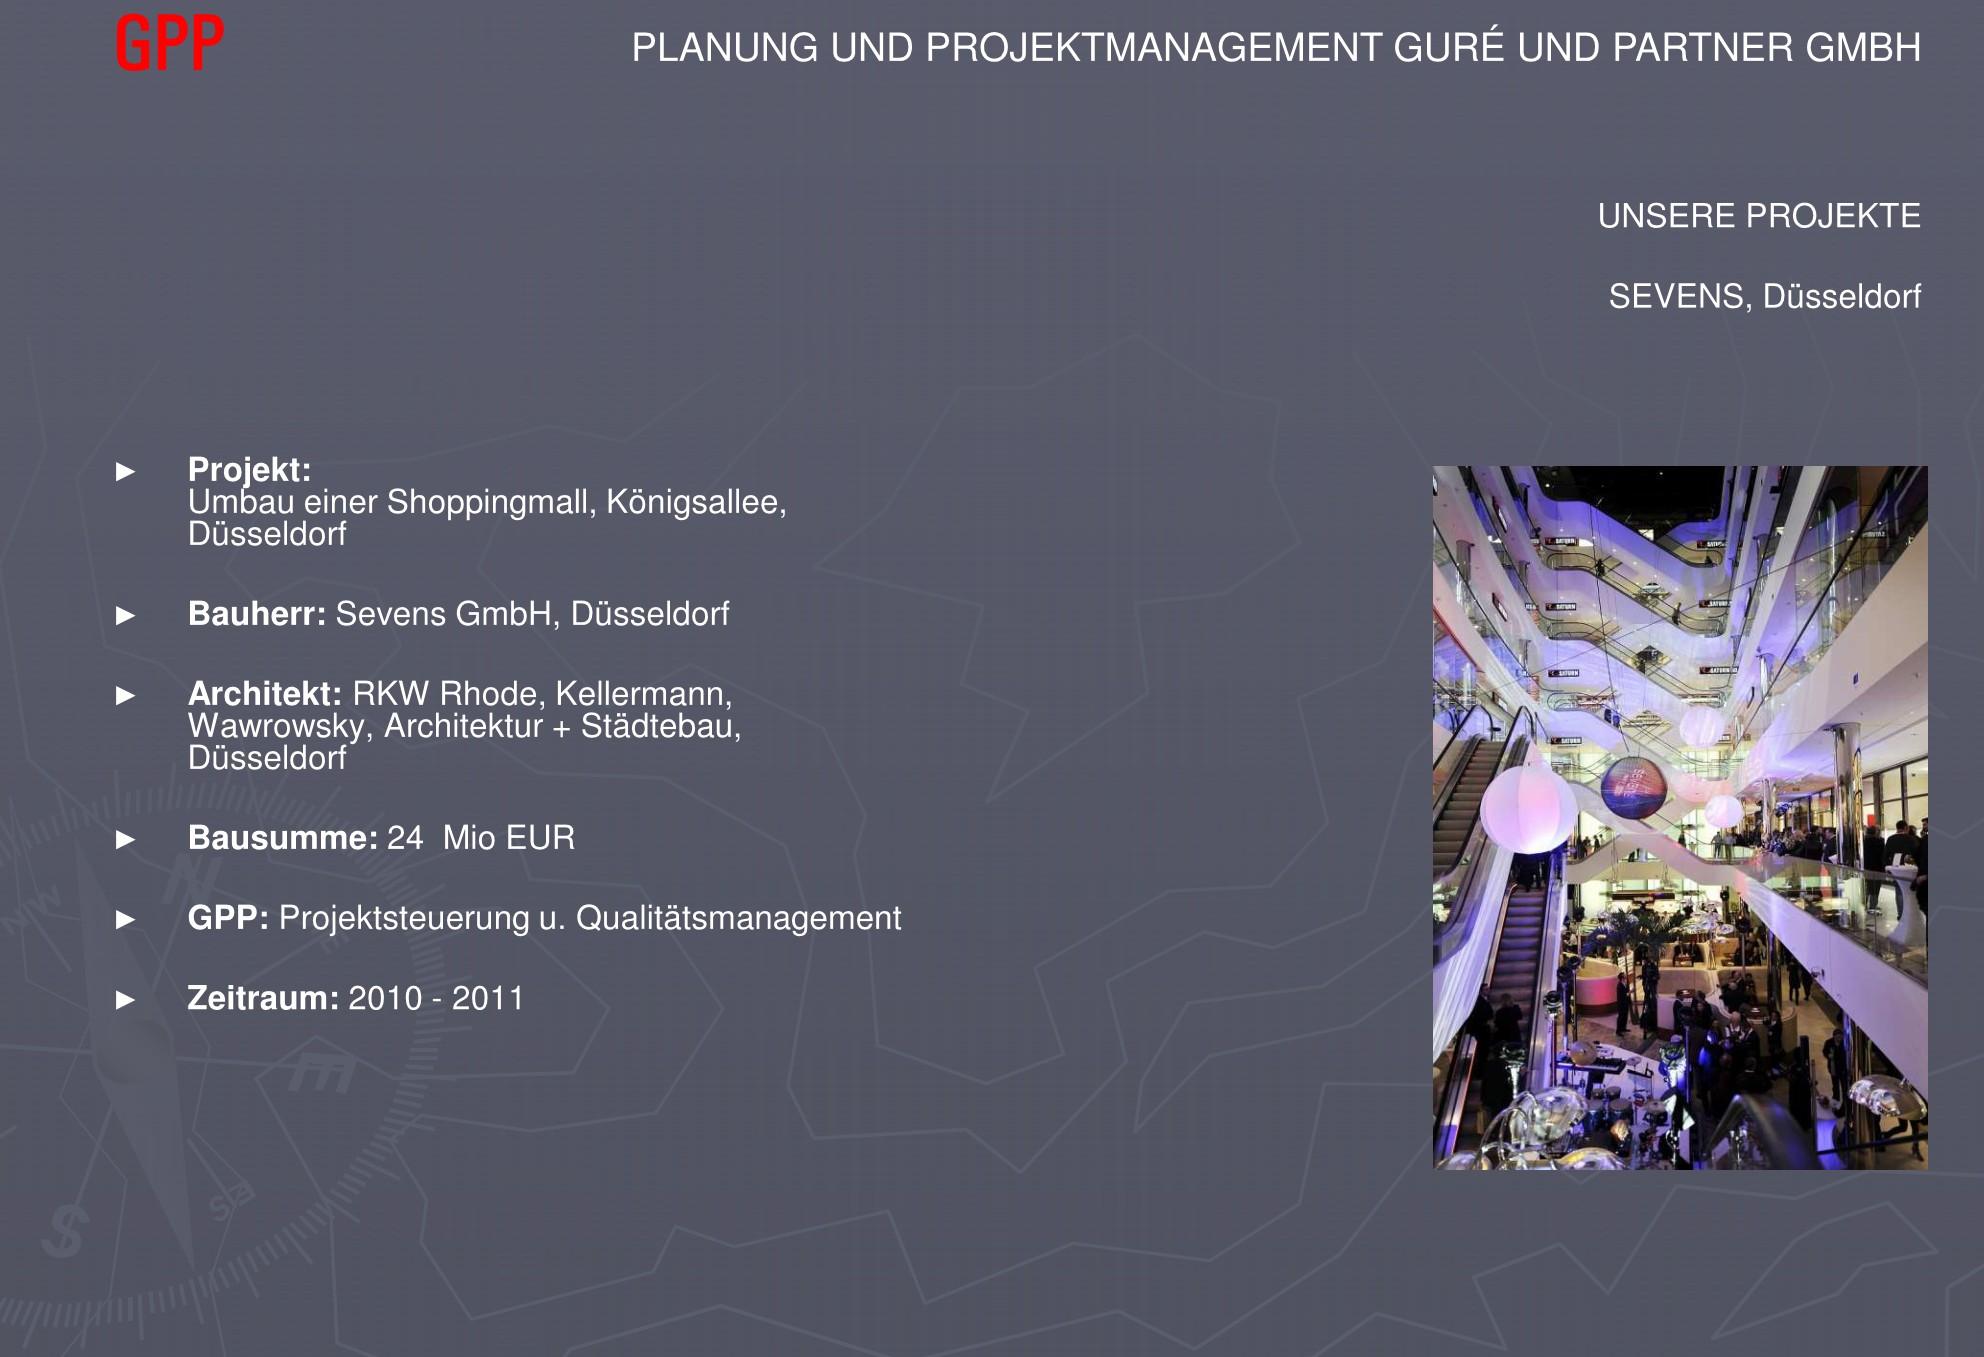 GPP: Projektsteuerung u. Qualitätsmanagement